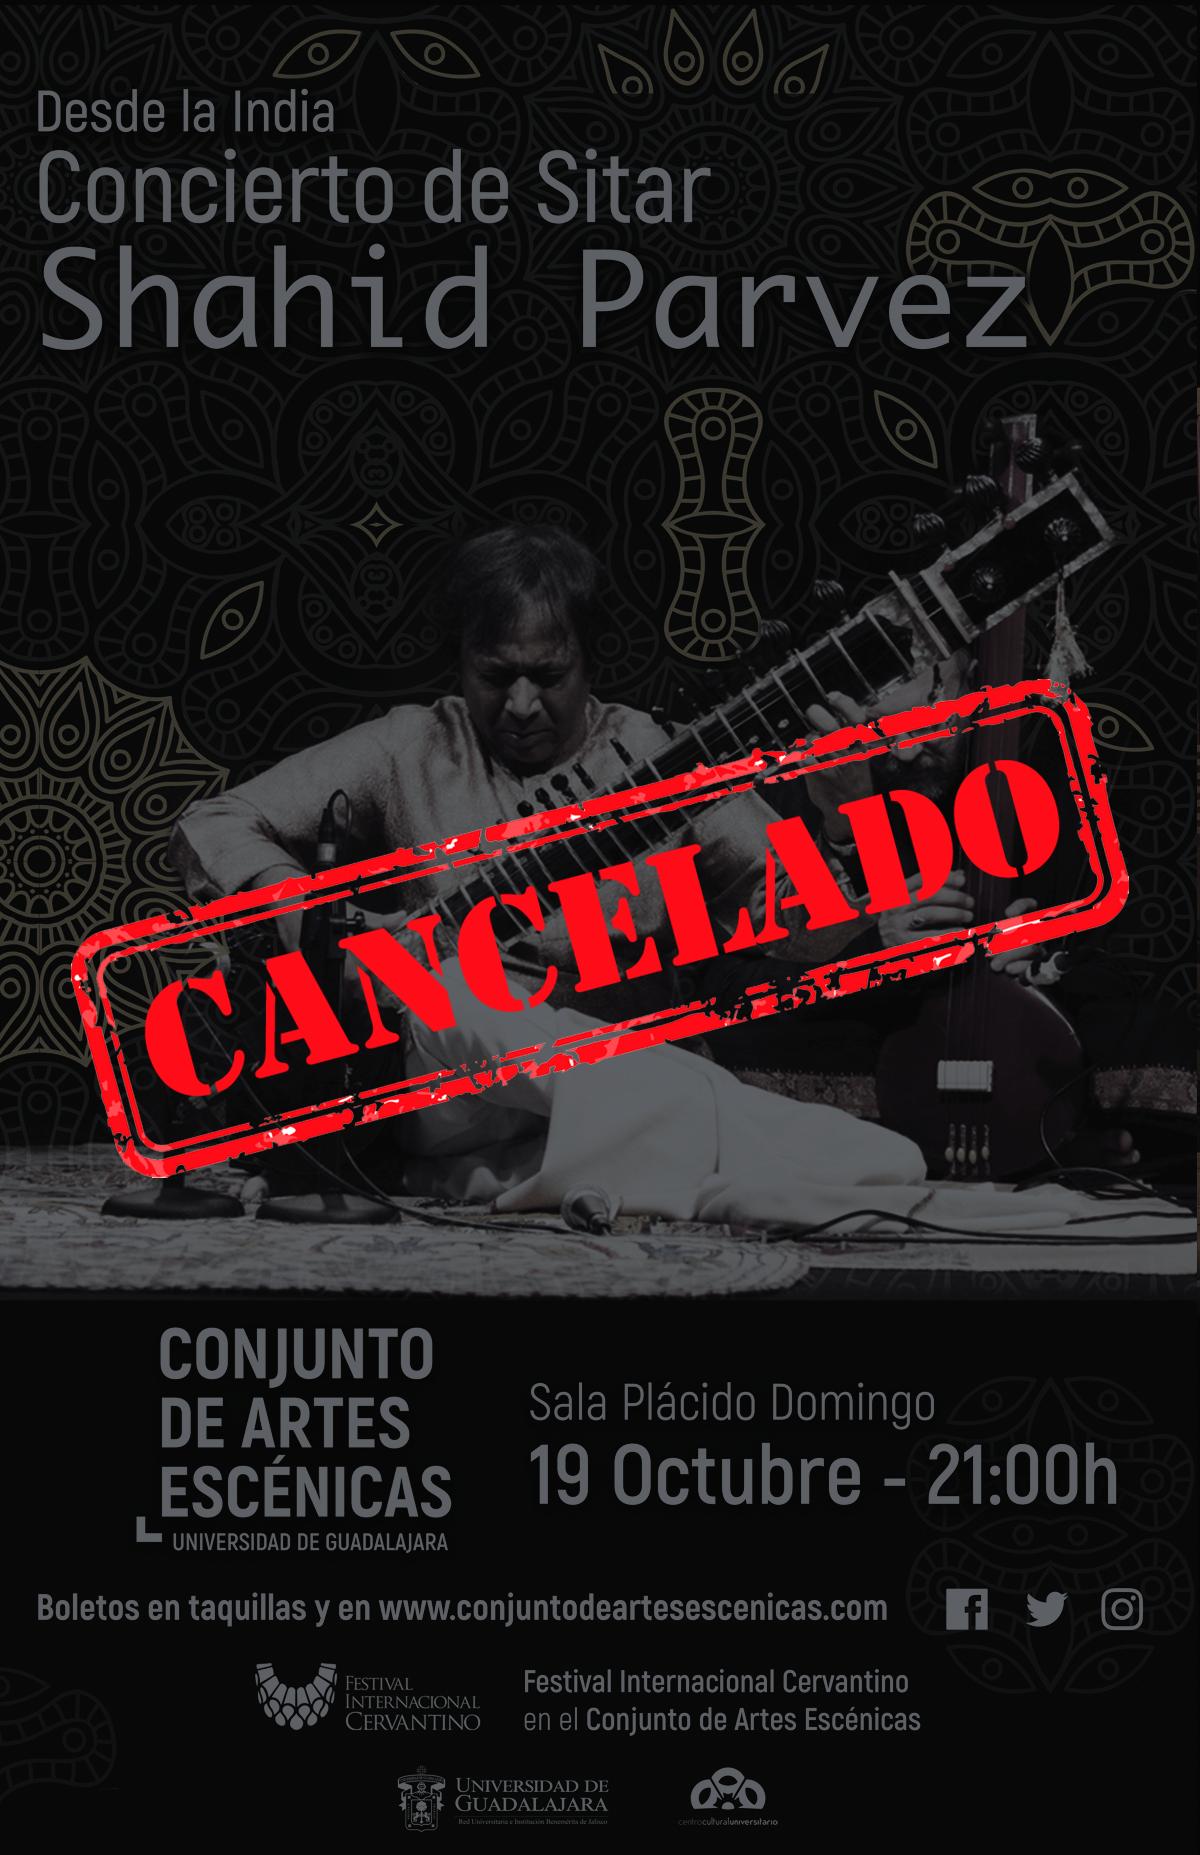 Shahid Parvez - CANCELADO